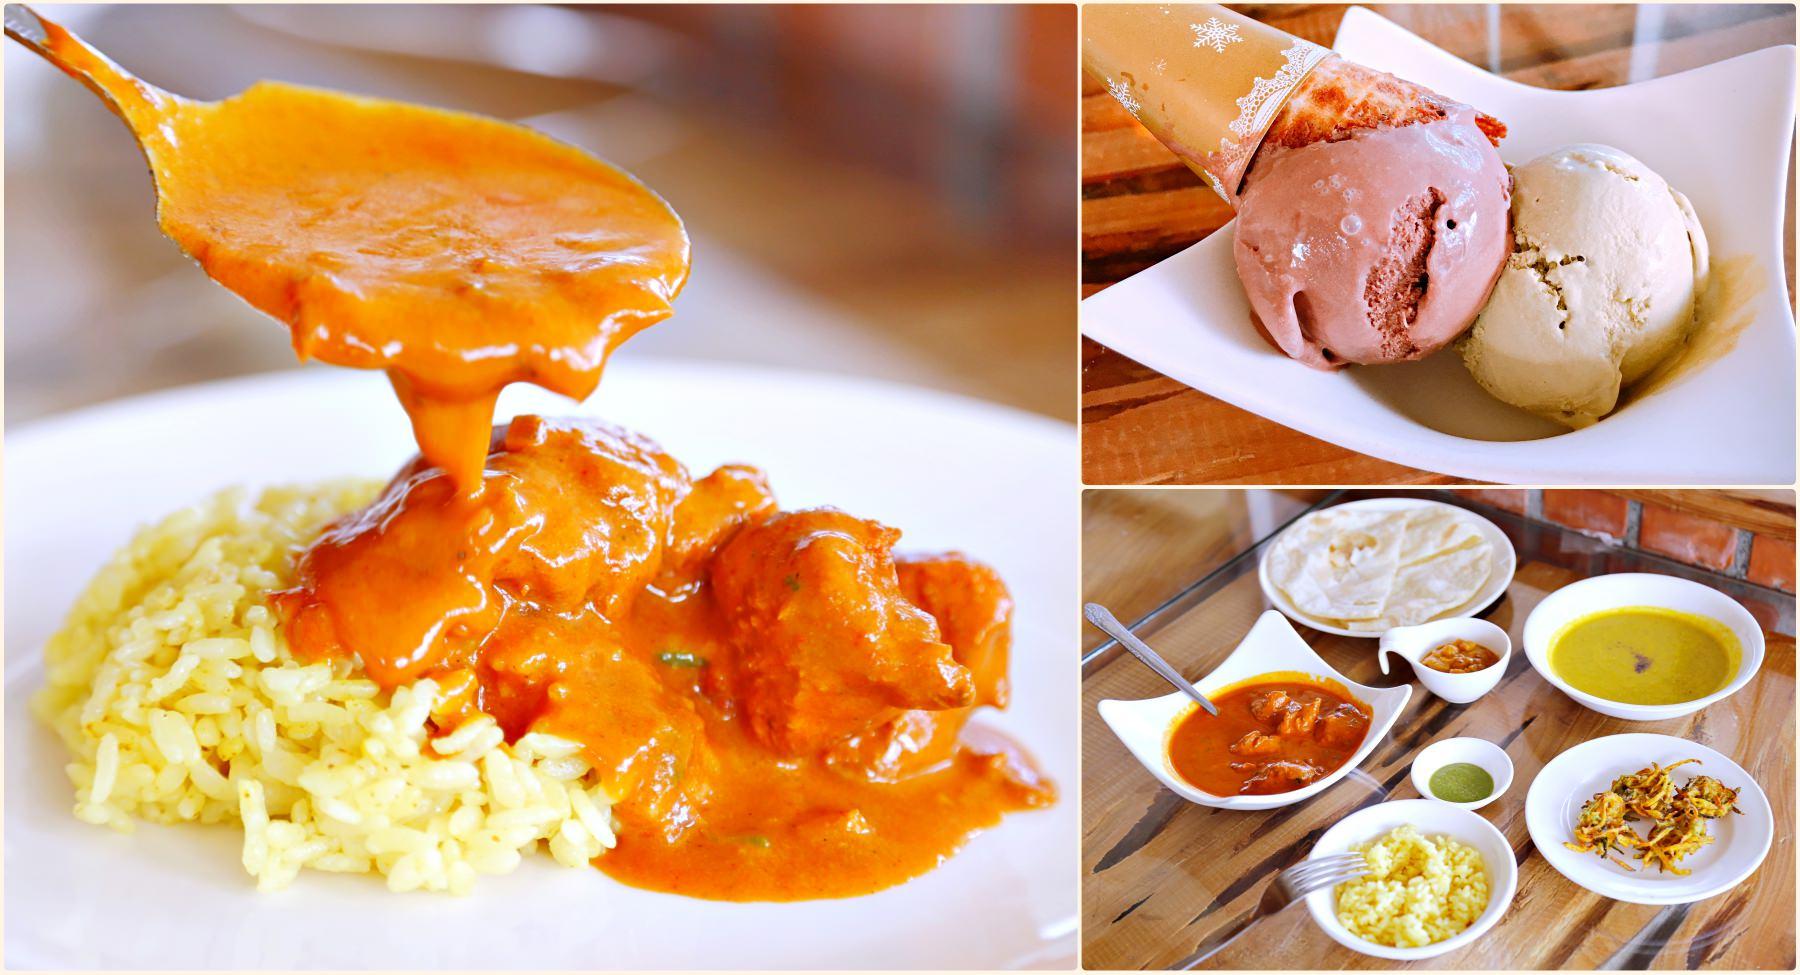 隱藏在山腳下的台東異國美食♥ 都蘭印度咖哩&冰淇淋雪酪冰棒 ♥Joyce食尚樂活。食記